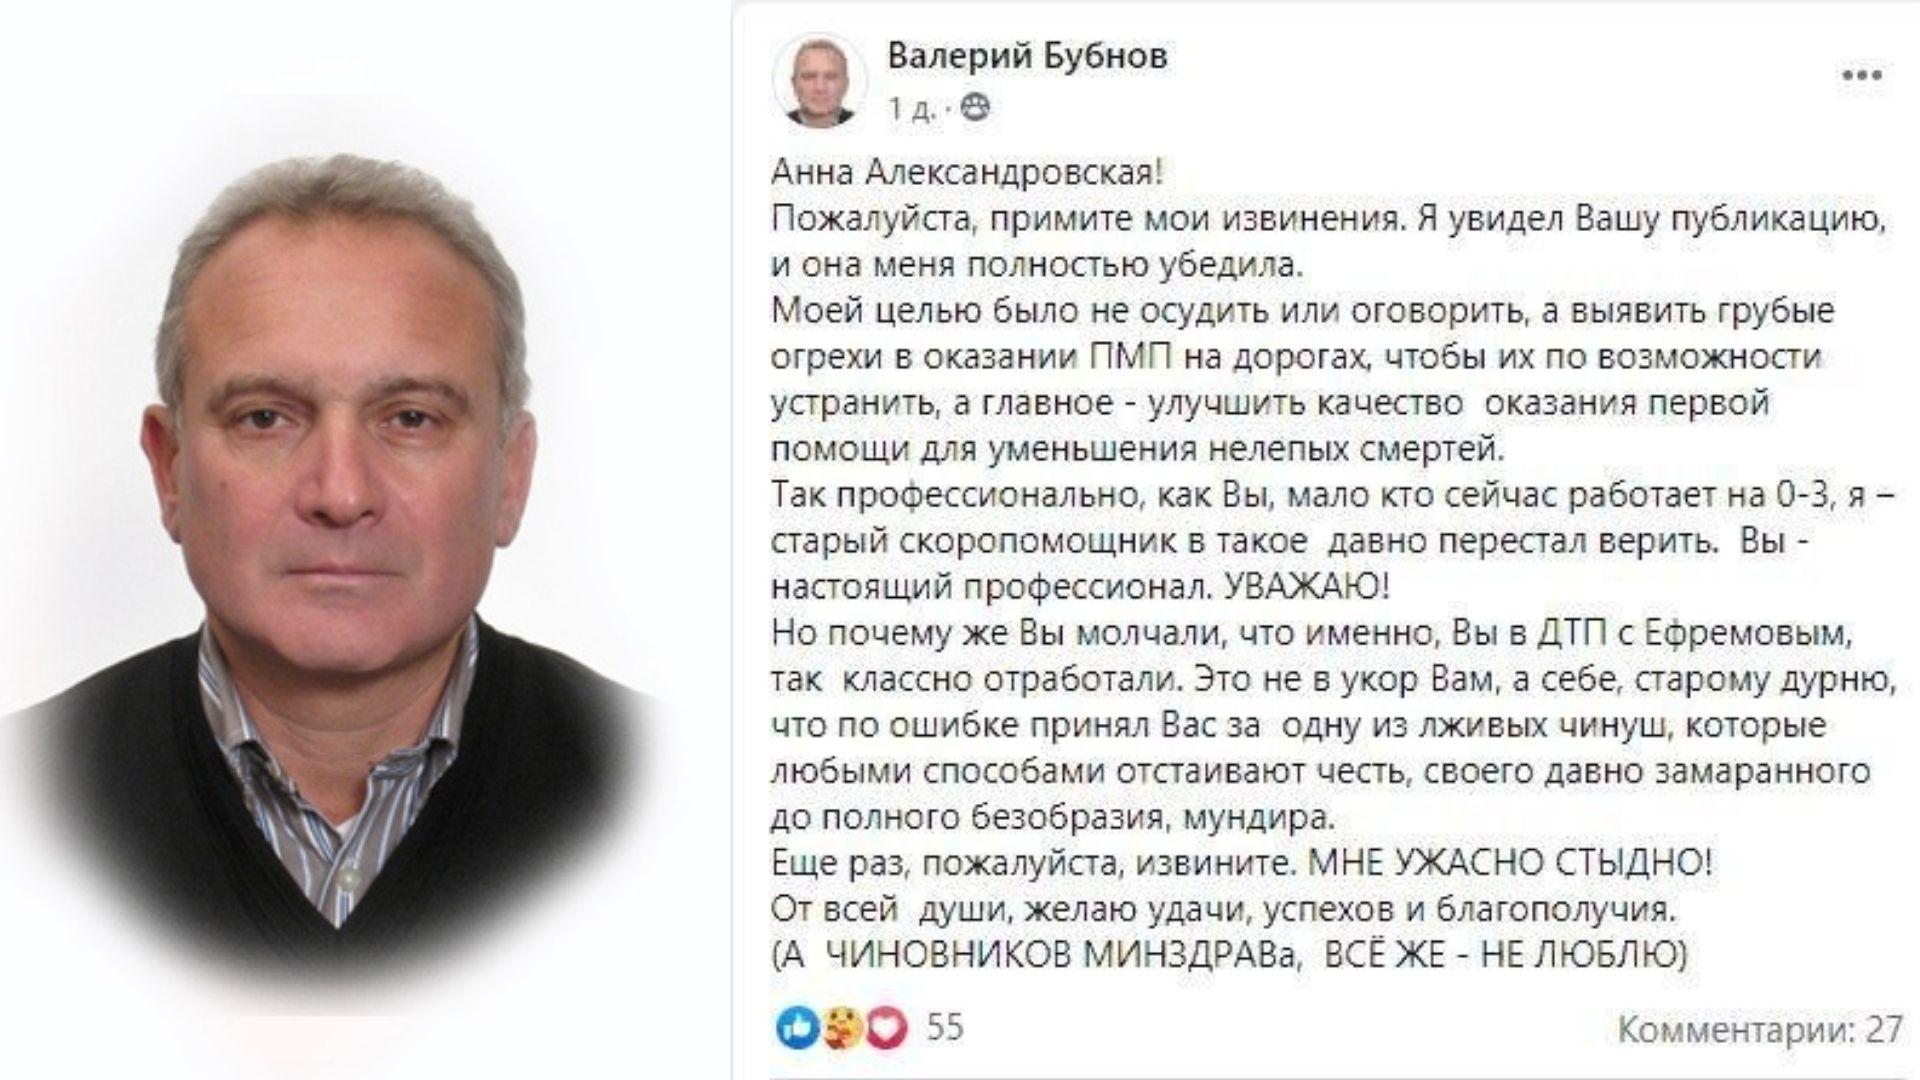 «Старый дурень»: Бубнов извинился перед врачом «скорой», которая оказывала помощь Захарову после ДТП